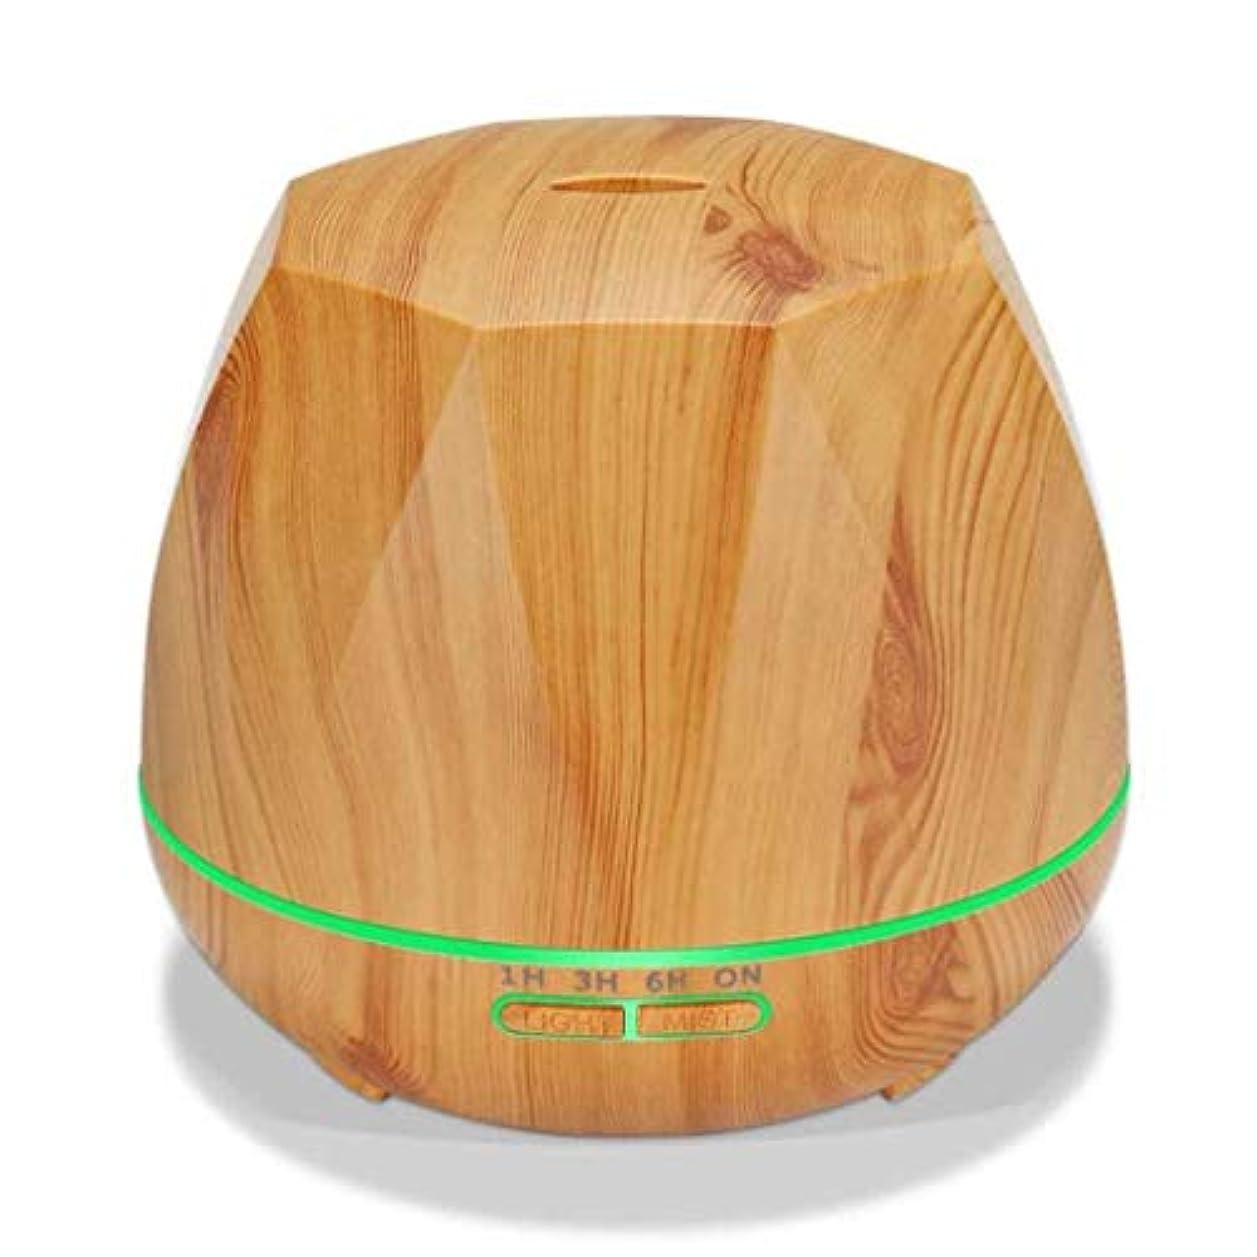 アレンジゆりかごのみクールミスト空気加湿器、カラーLEDライト付き交換用超音波、ヨガ、オフィス、スパ、寝室、ベビールーム - 木目調 (Color : Light wood grain)